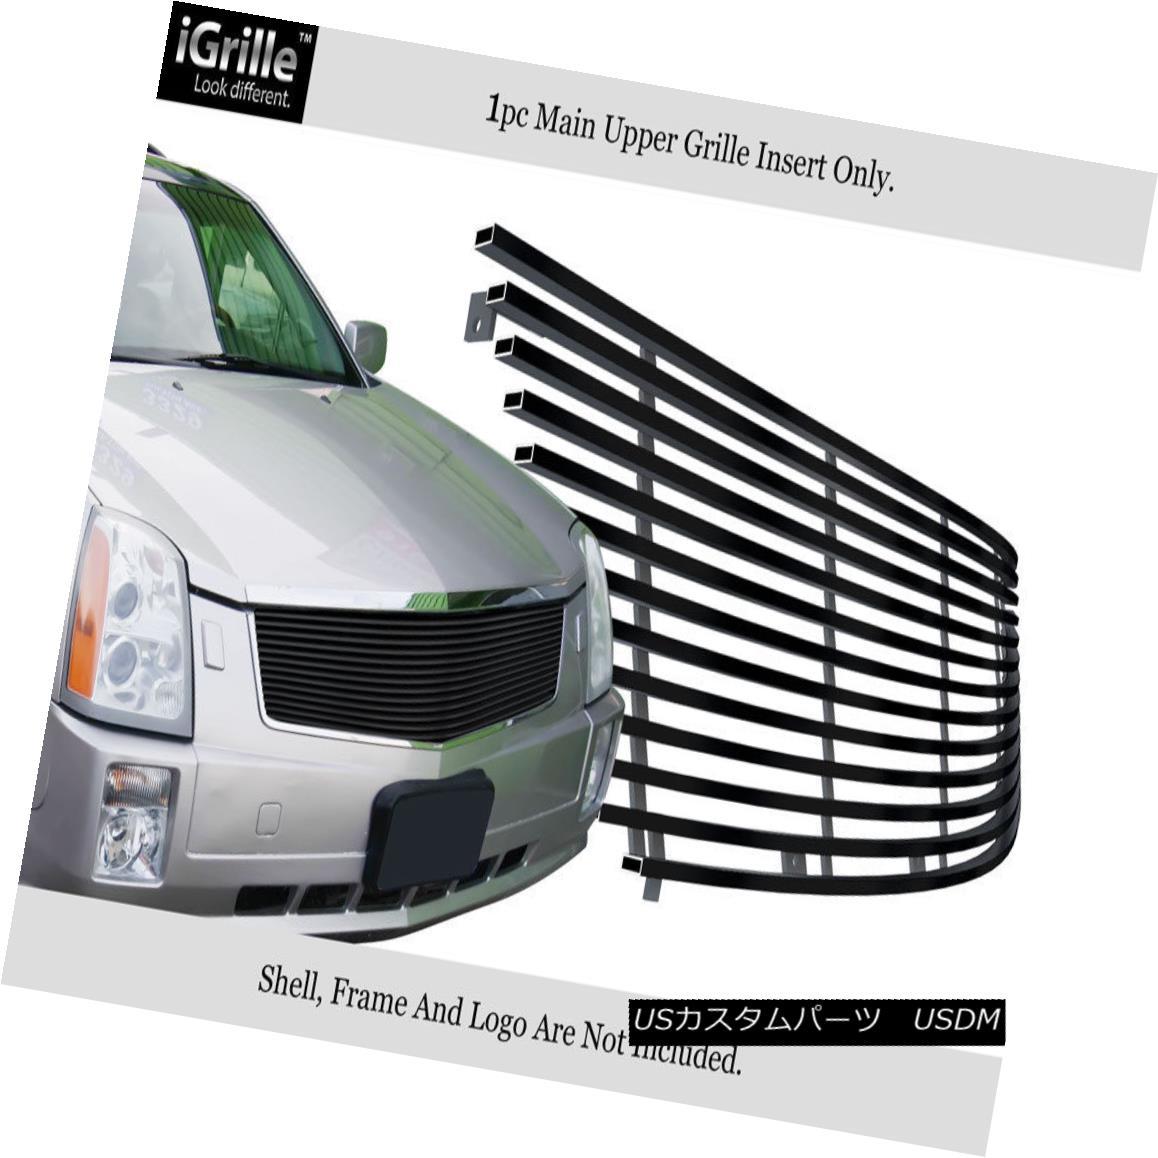 グリル For 2005-2009 Cadillac SRX Black Stainless Steel Billet Grille Grill Insert 2005-2009キャデラックSRXブラックステンレス鋼ビレットグリルグリル用